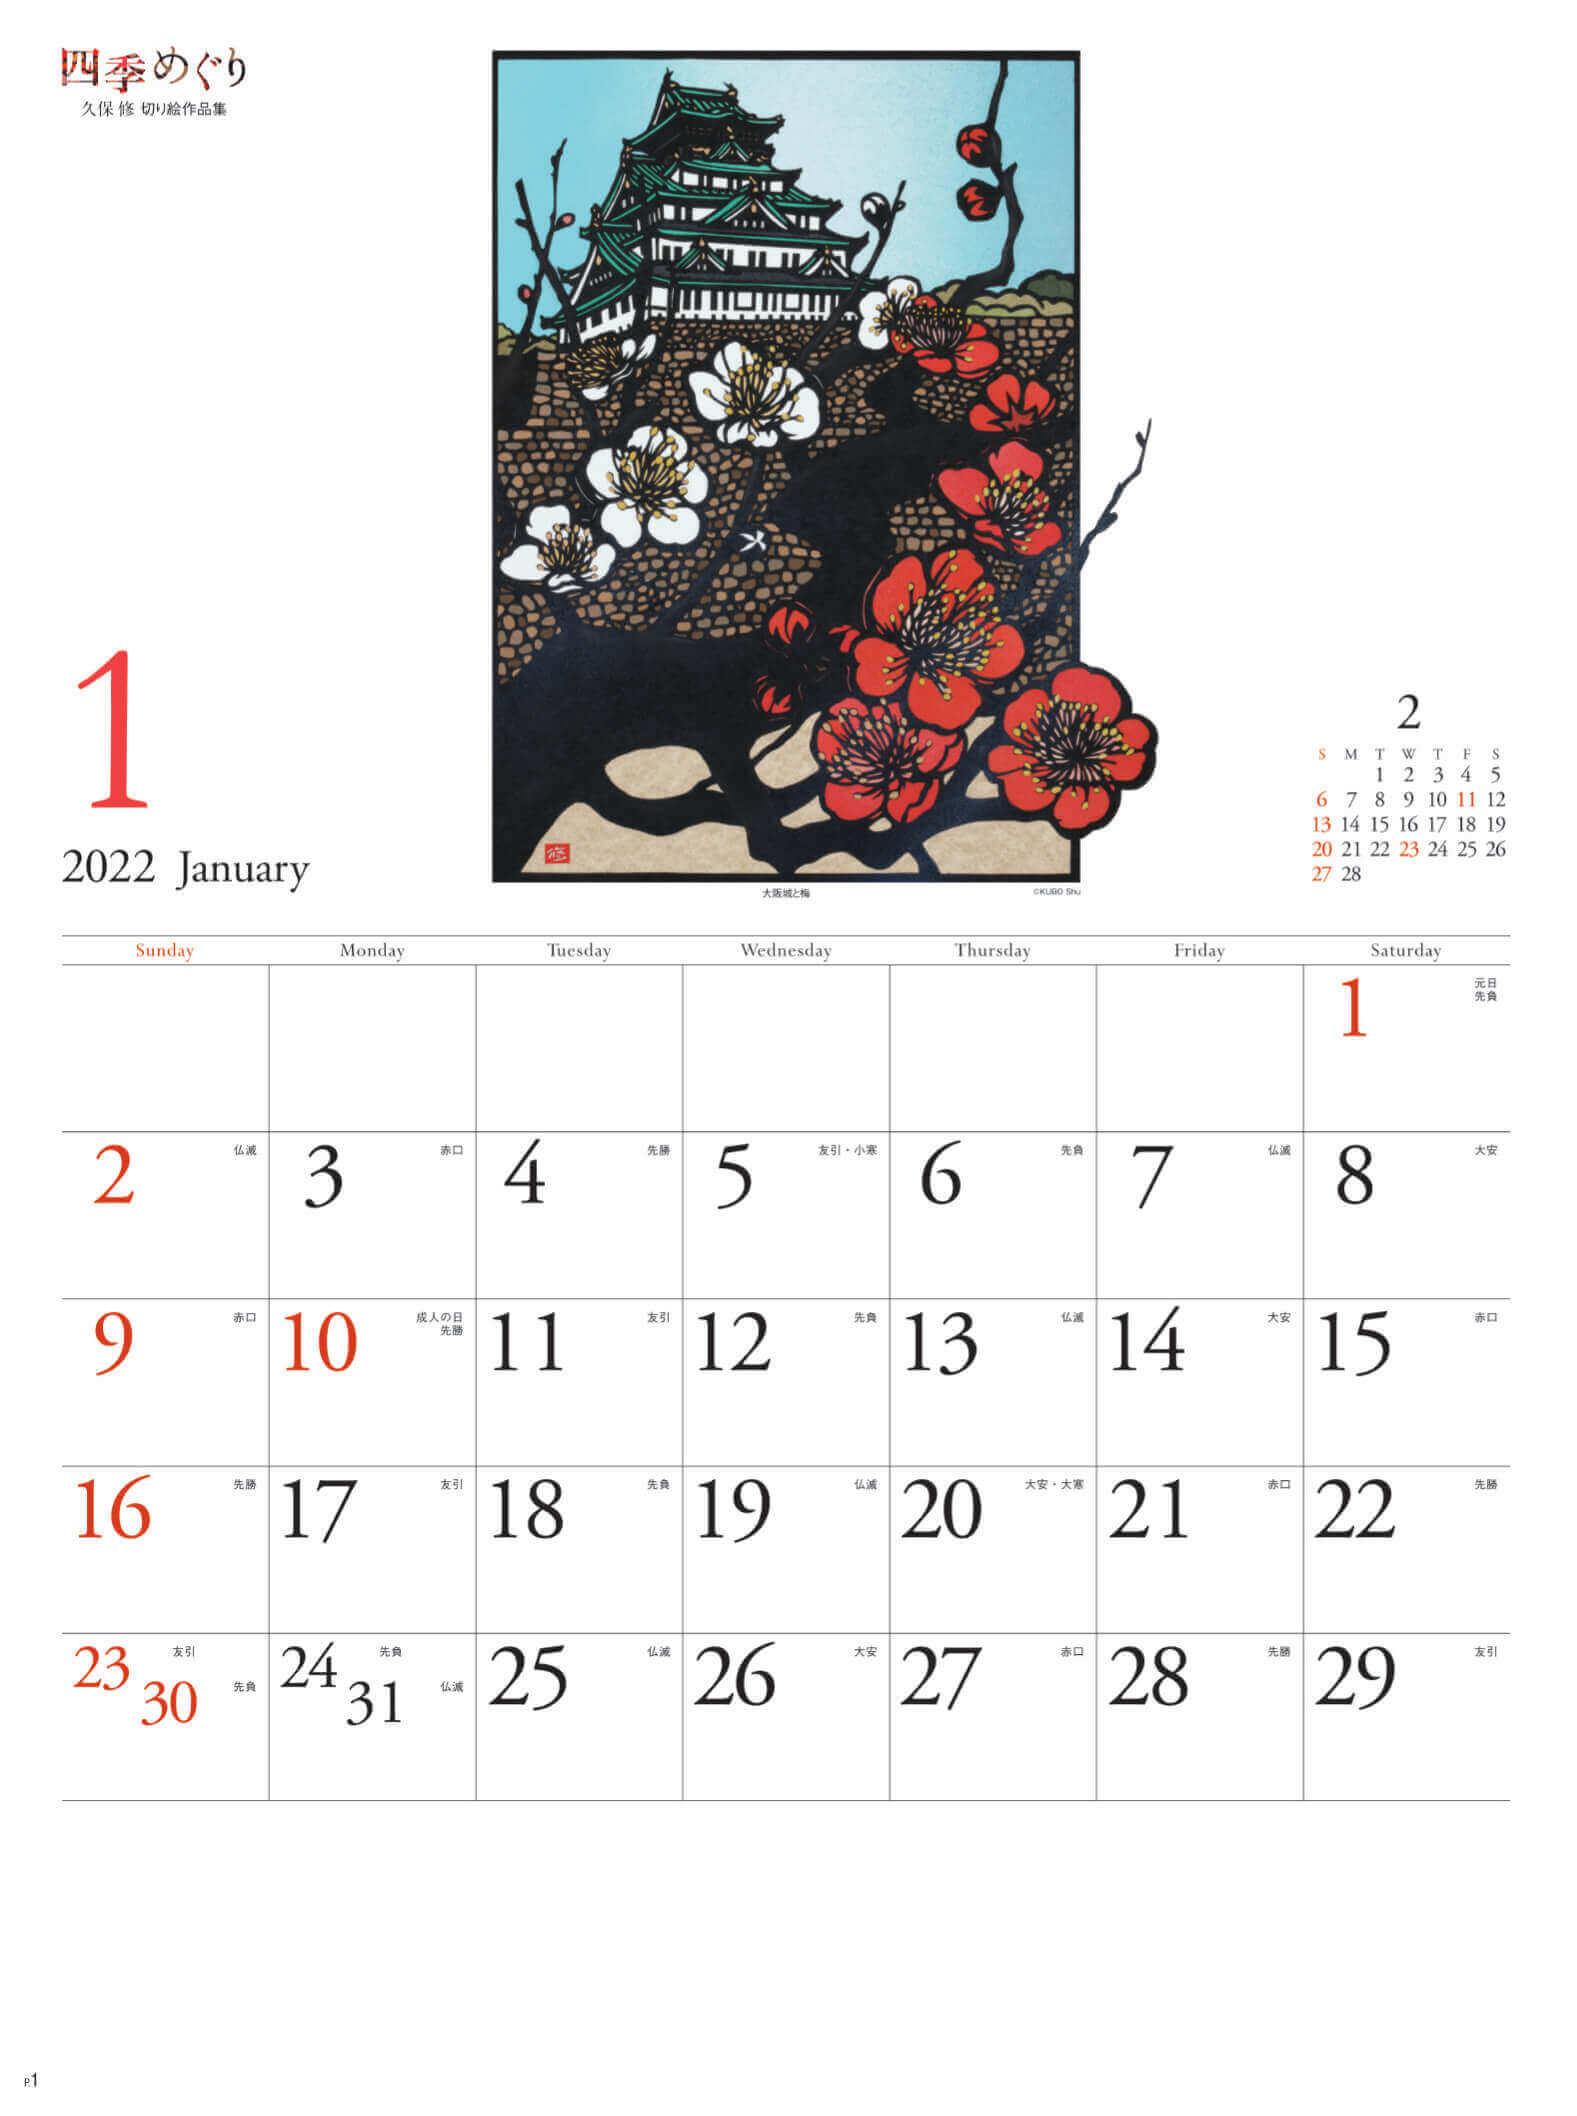 1月 大阪城と梅 四季めぐり・久保修切り絵作品集 2022年カレンダーの画像